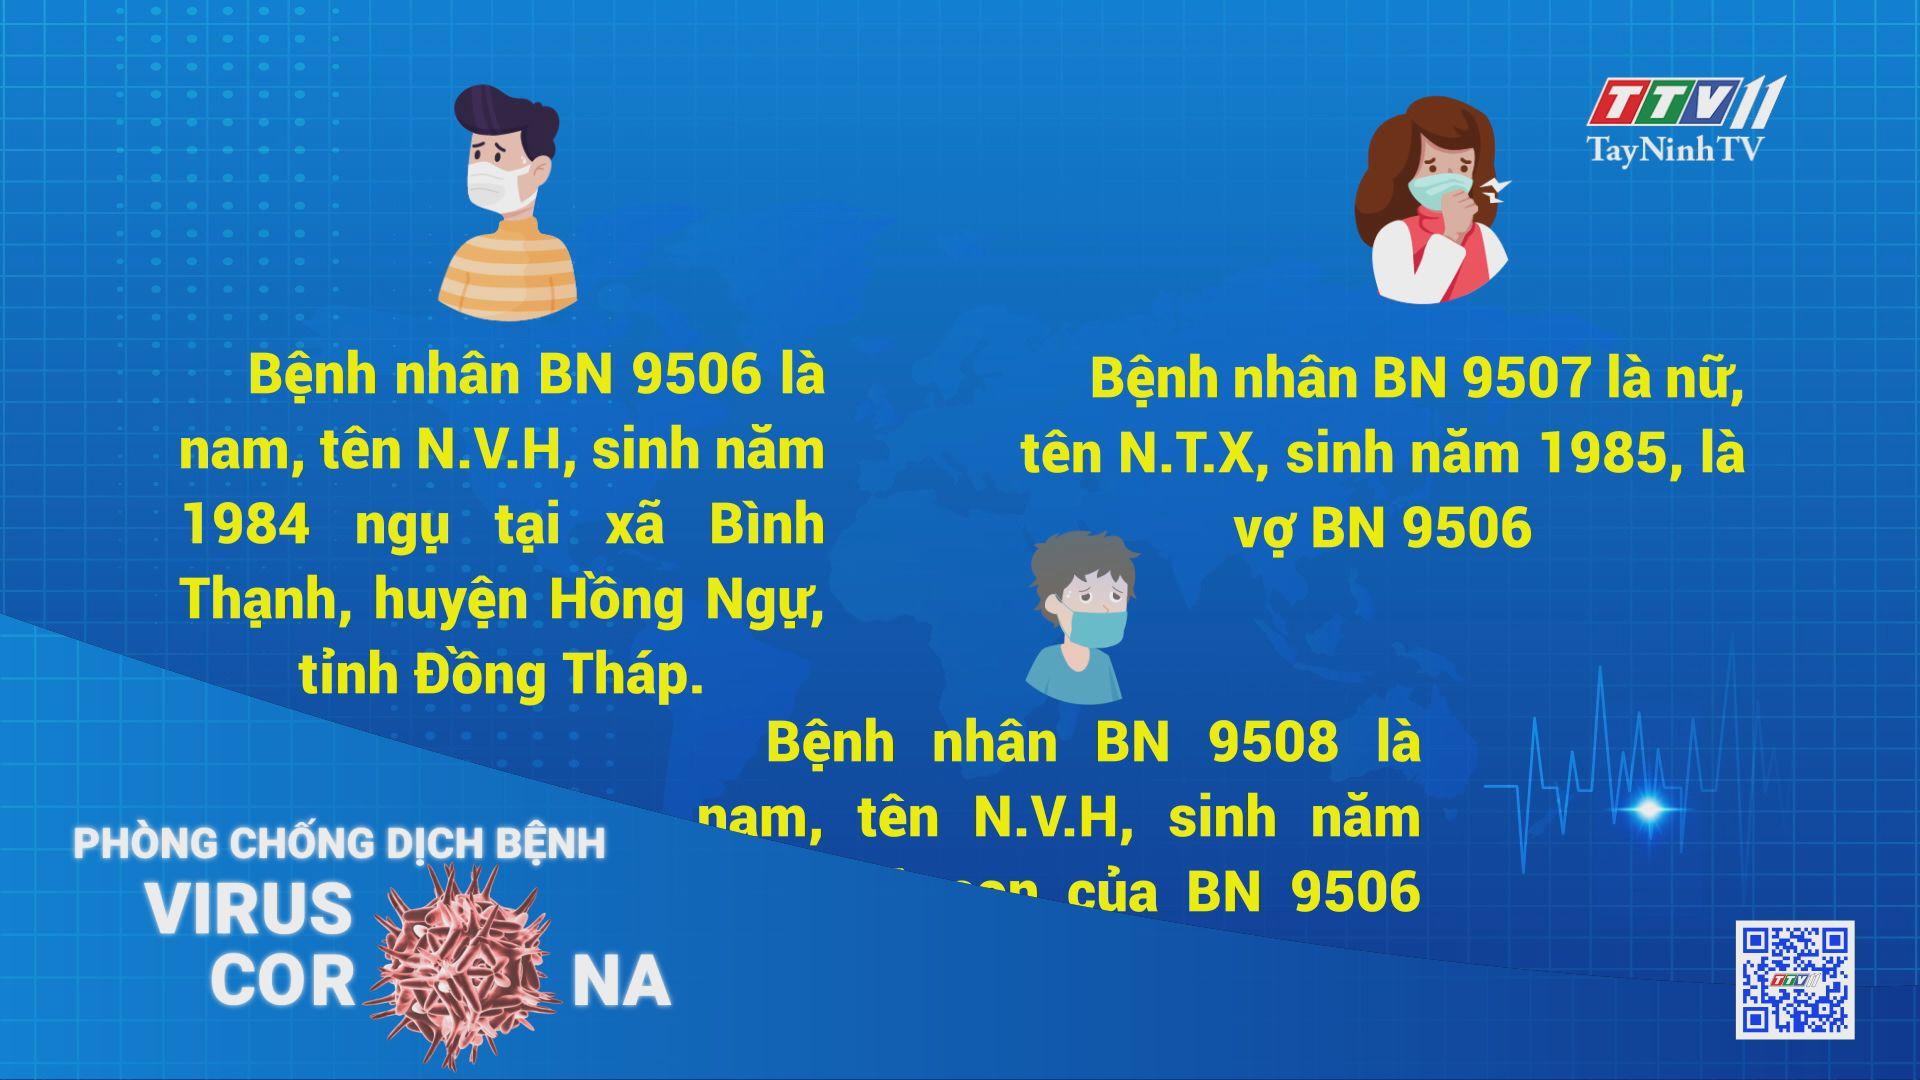 Thêm 3 người trong một gia đình bị mắc Covid-19 khi nhập cảnh tại Tây Ninh | THÔNG TIN DỊCH CÚM COVID-19 | TayNinhTV